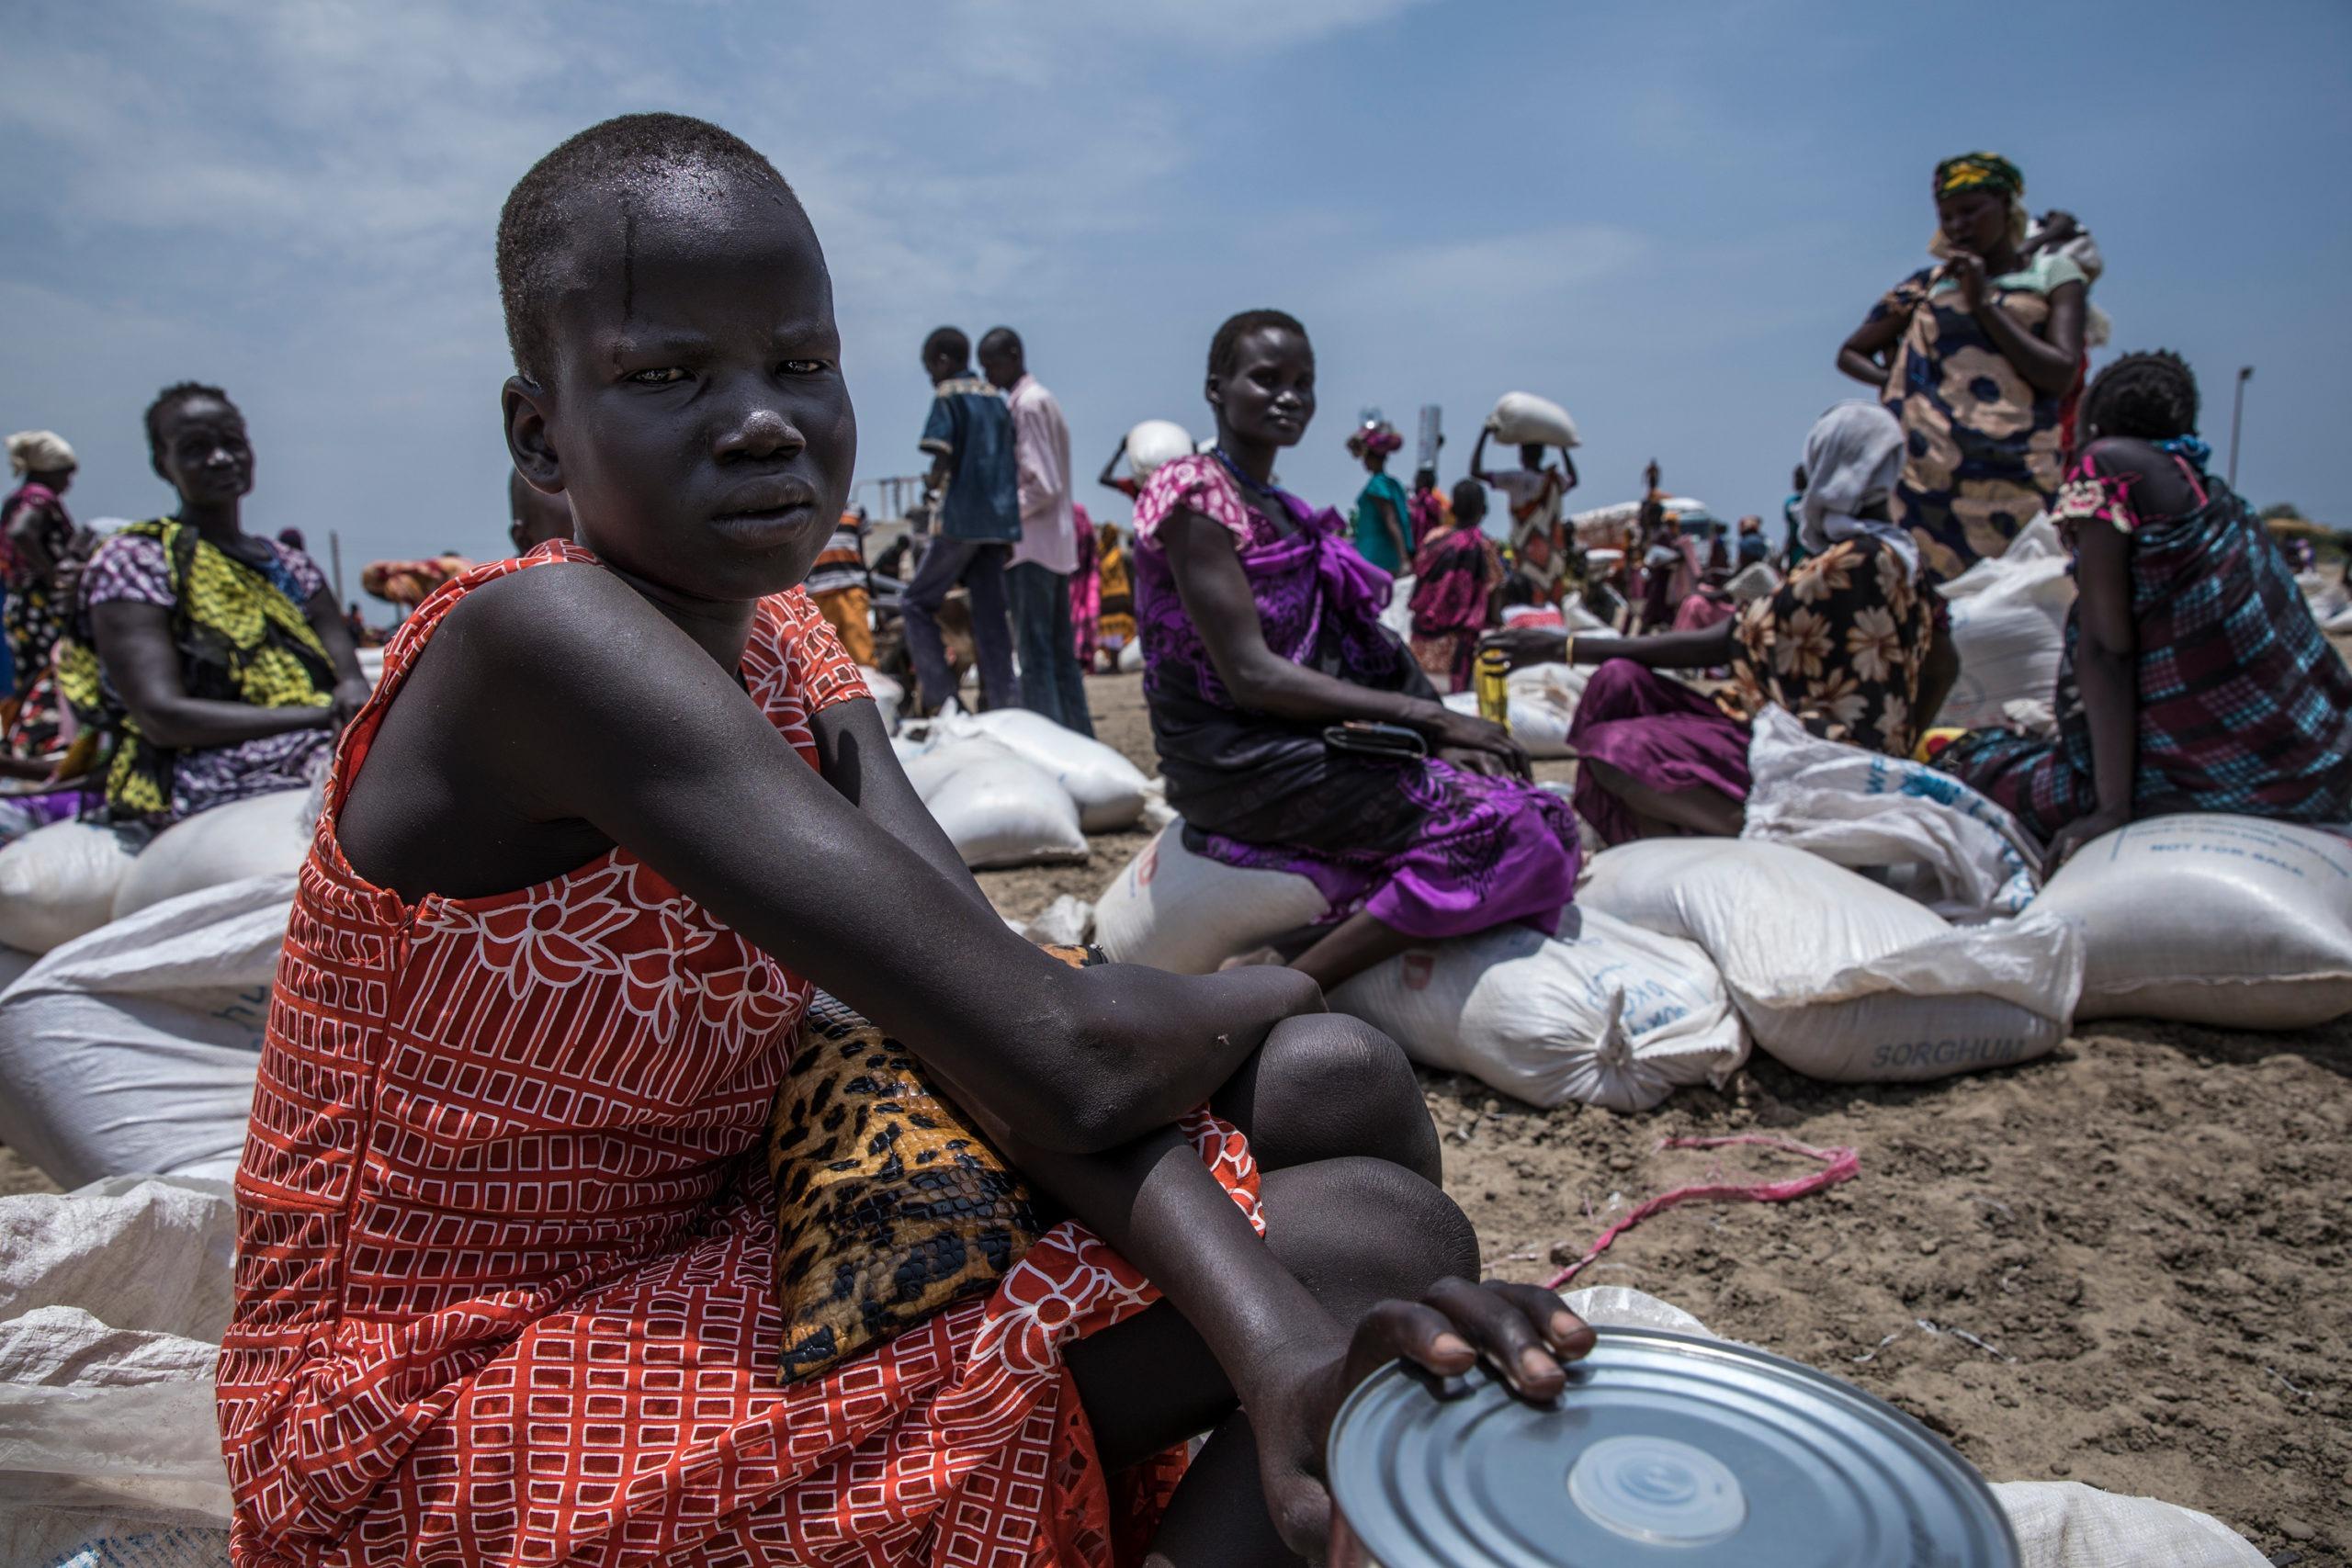 L'Afrique au bord d'une explosion sociale